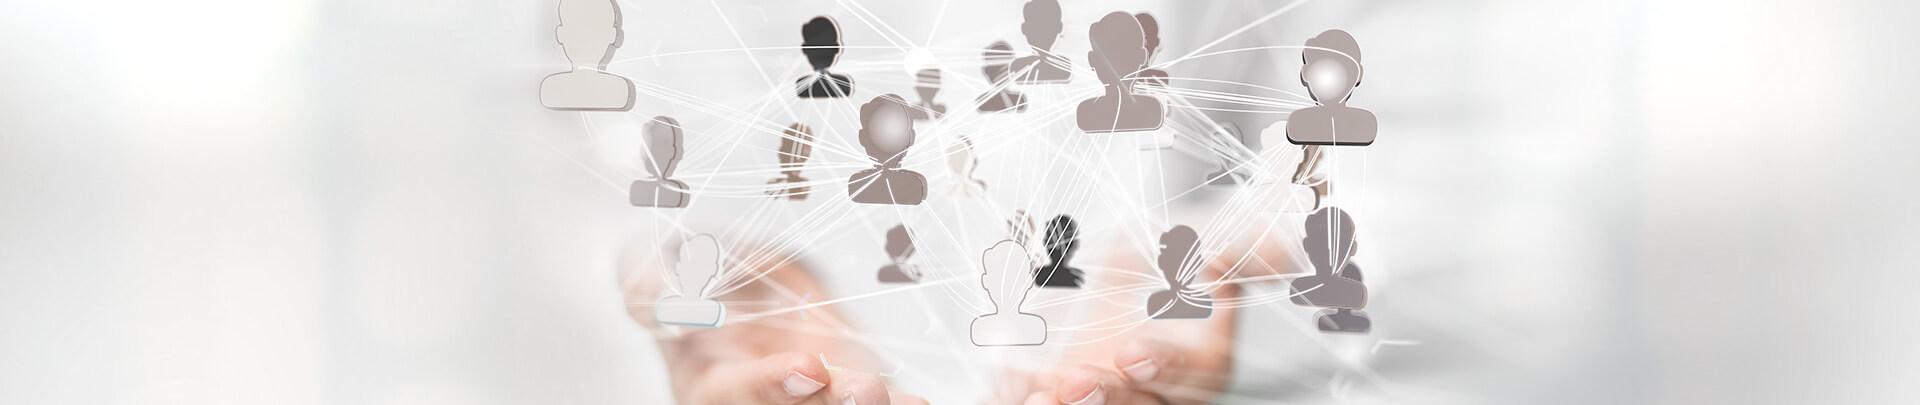 Partner Netzwerk